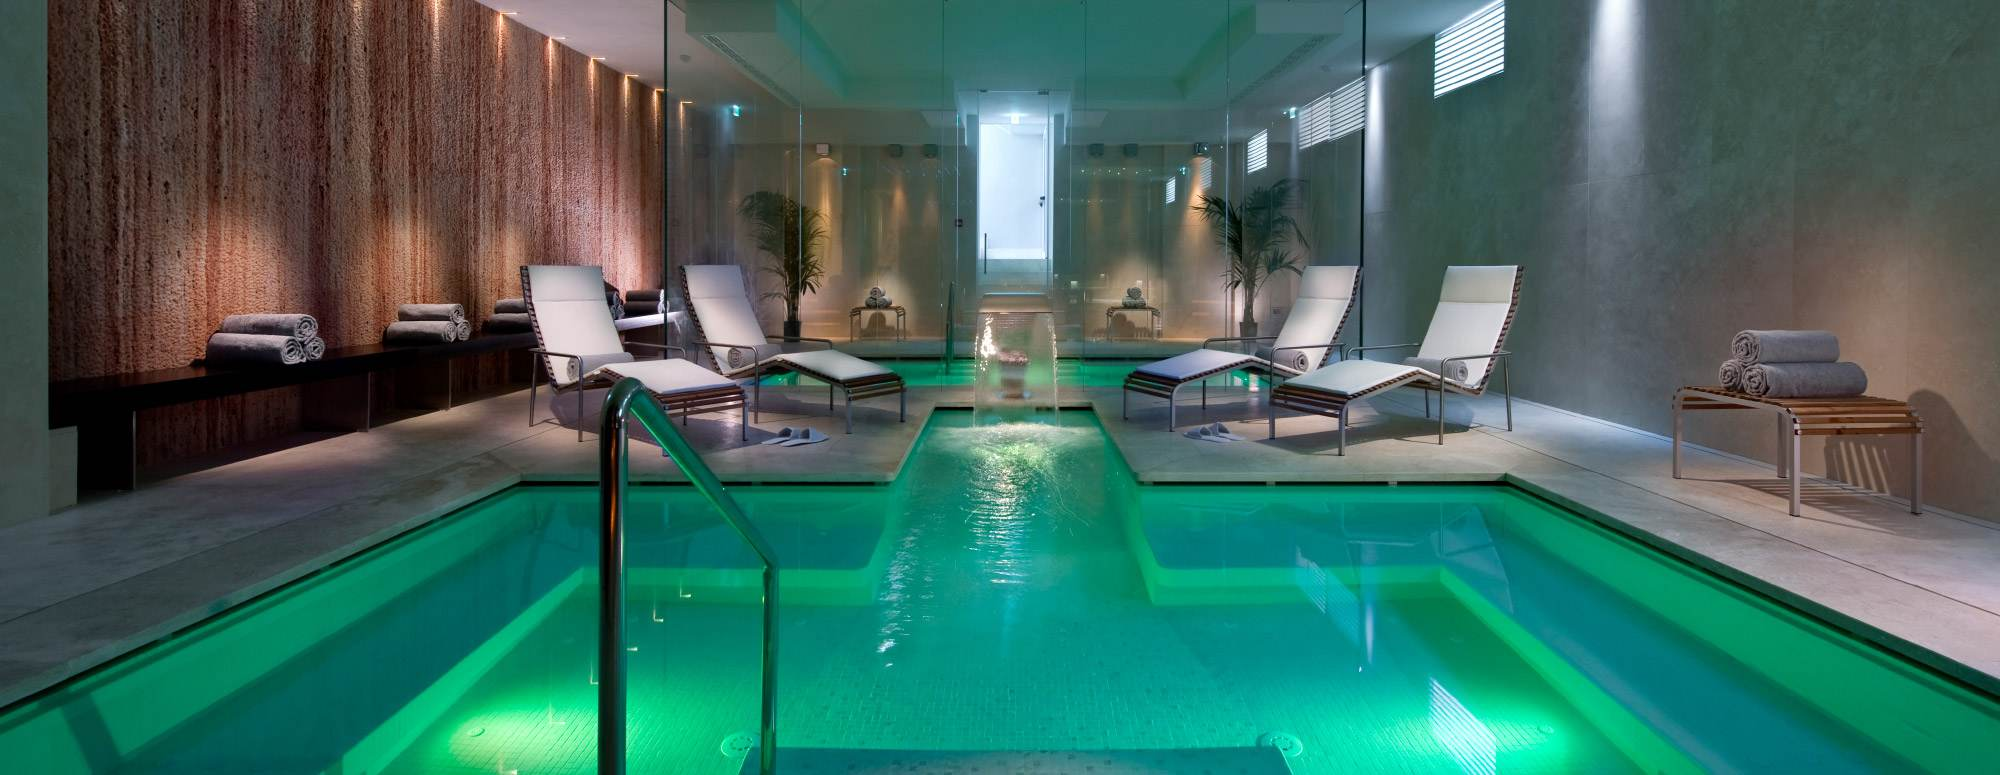 Hotel riccione 5 stelle centro benessere spa massaggi for Grand hotel des bain